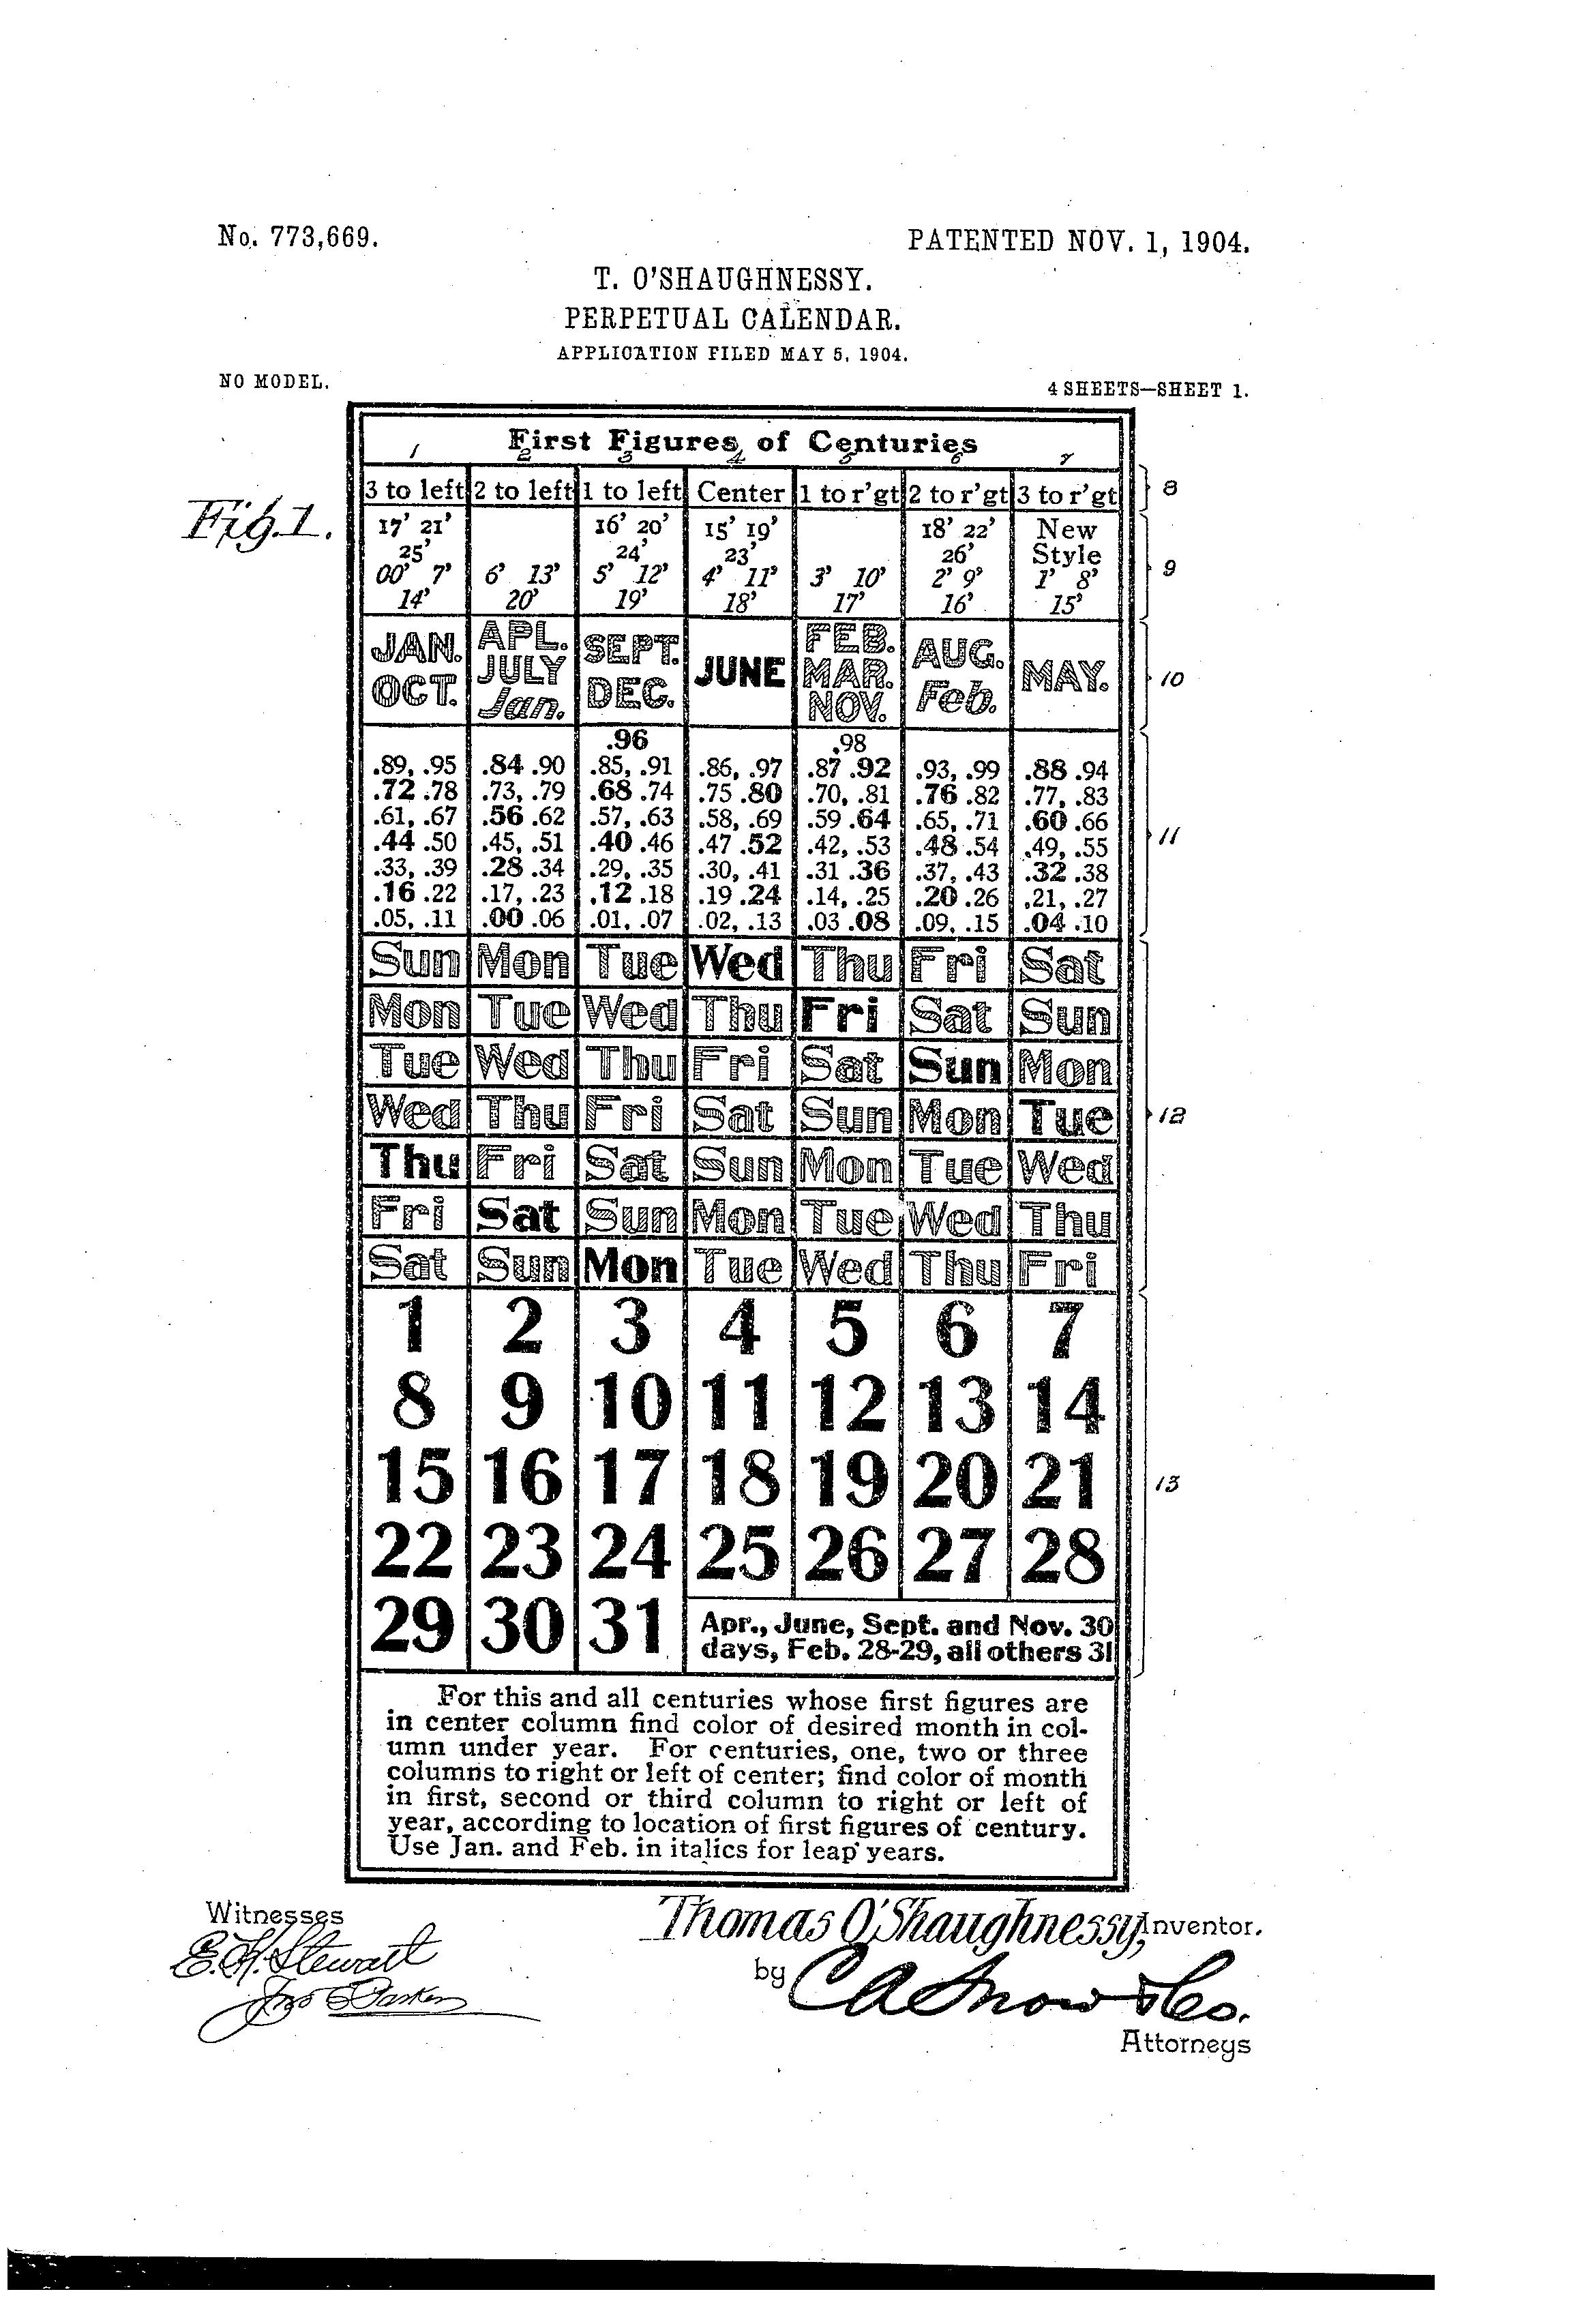 Julian Calendar Perpetual Perpetual calendar.